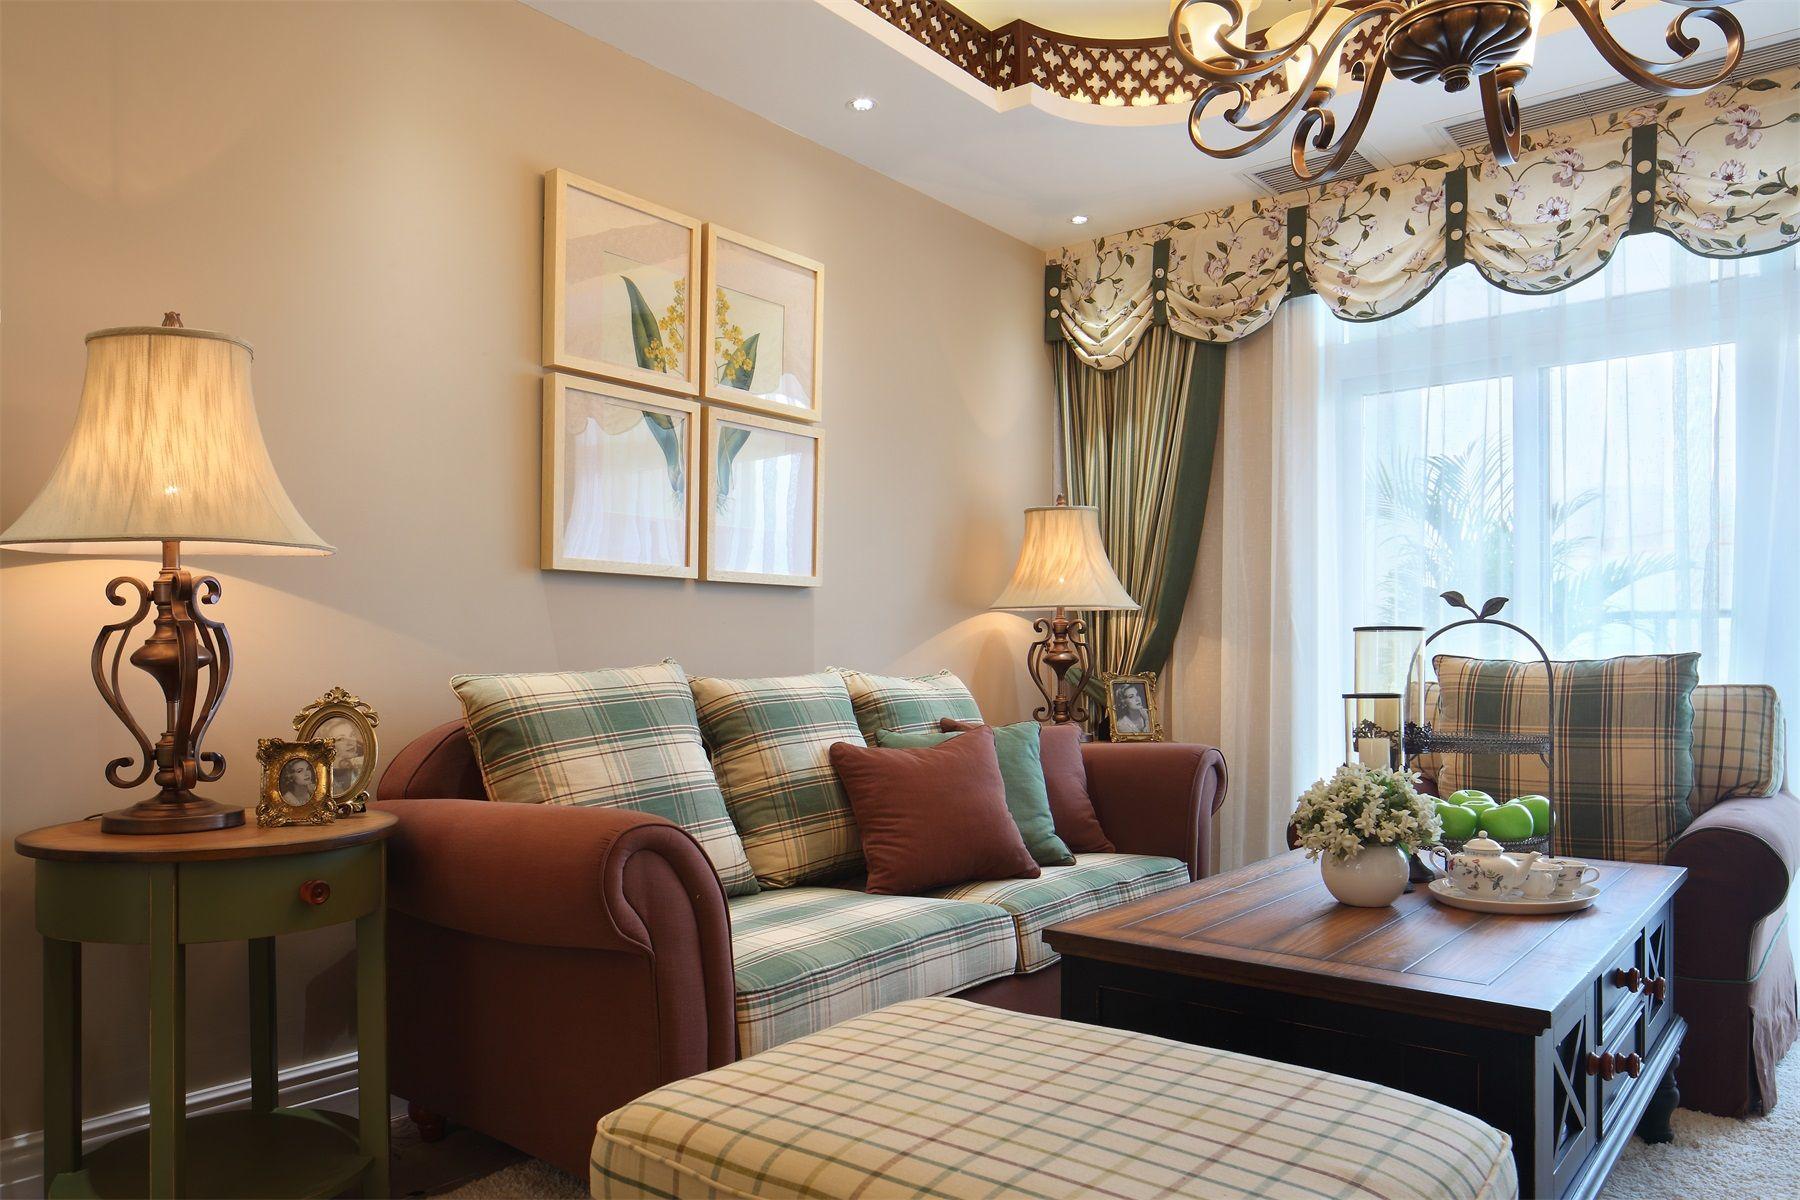 红褐色的布艺沙发,配上清新色的抱枕,将意大利风格的沉稳大气充分渲染出来。